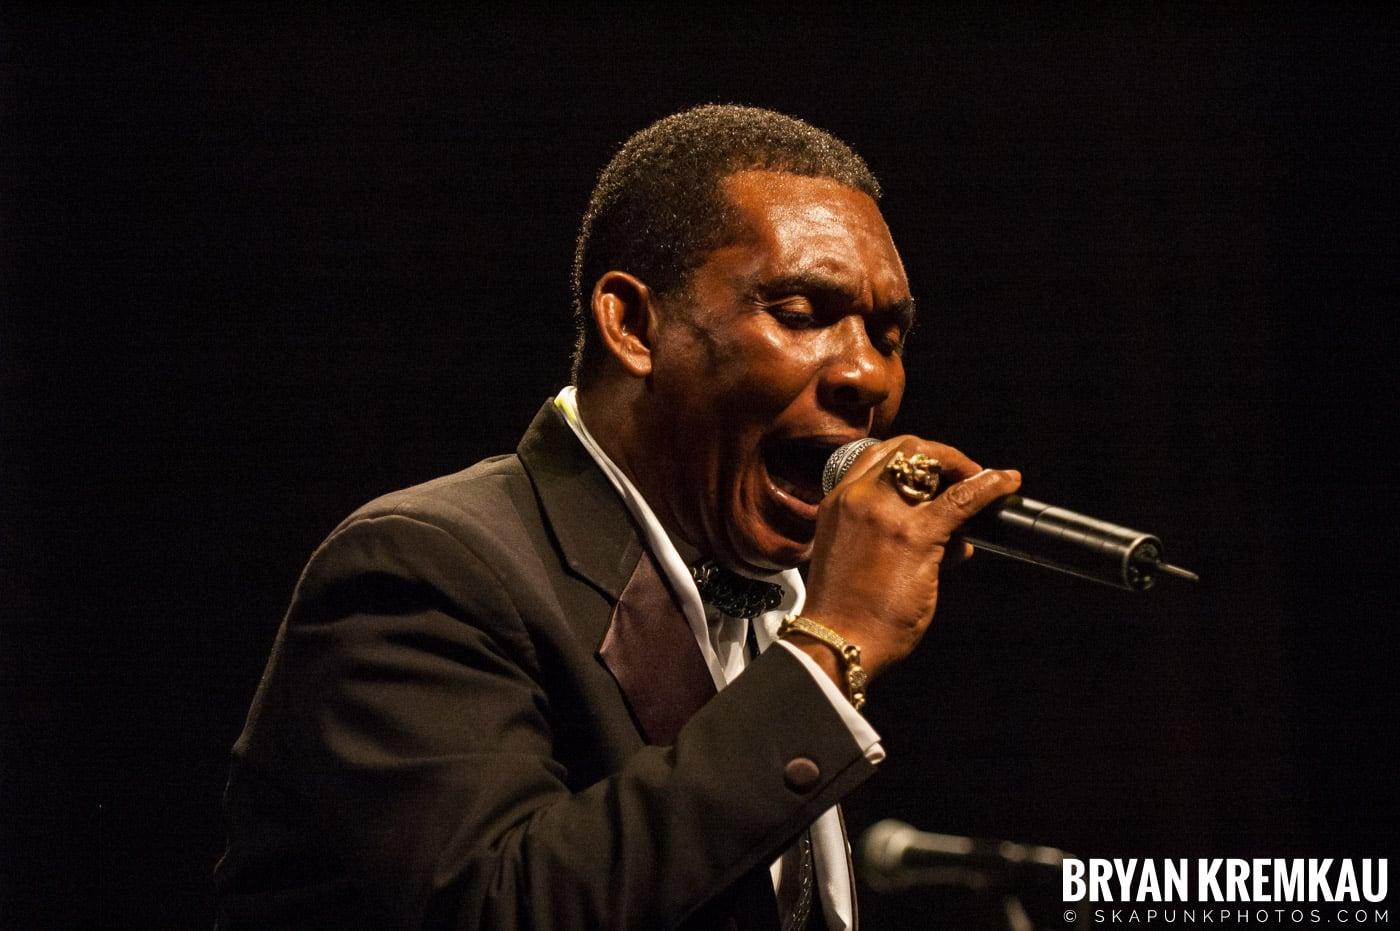 Ken Boothe @ Vintage Reggae Fest - Hammerstein Ballroom, NYC - 12.16.07 (11)